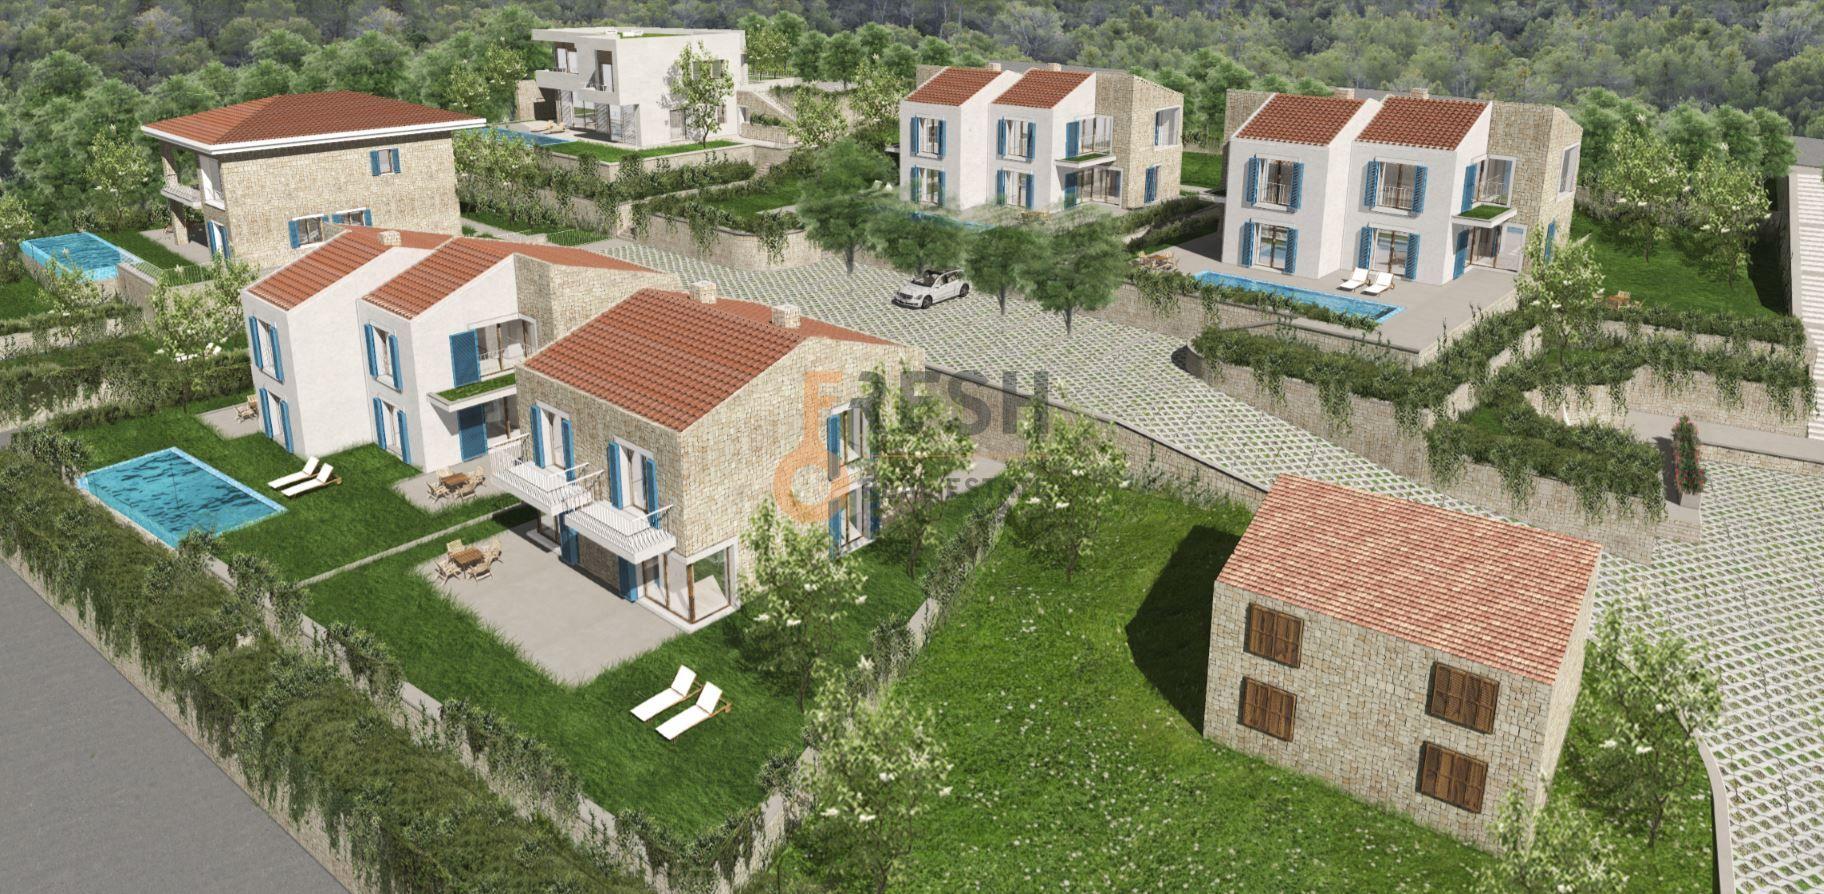 Reževići, urbanizovano zemljište za 4 vile, 3157m2,  ispod cijene! - 10